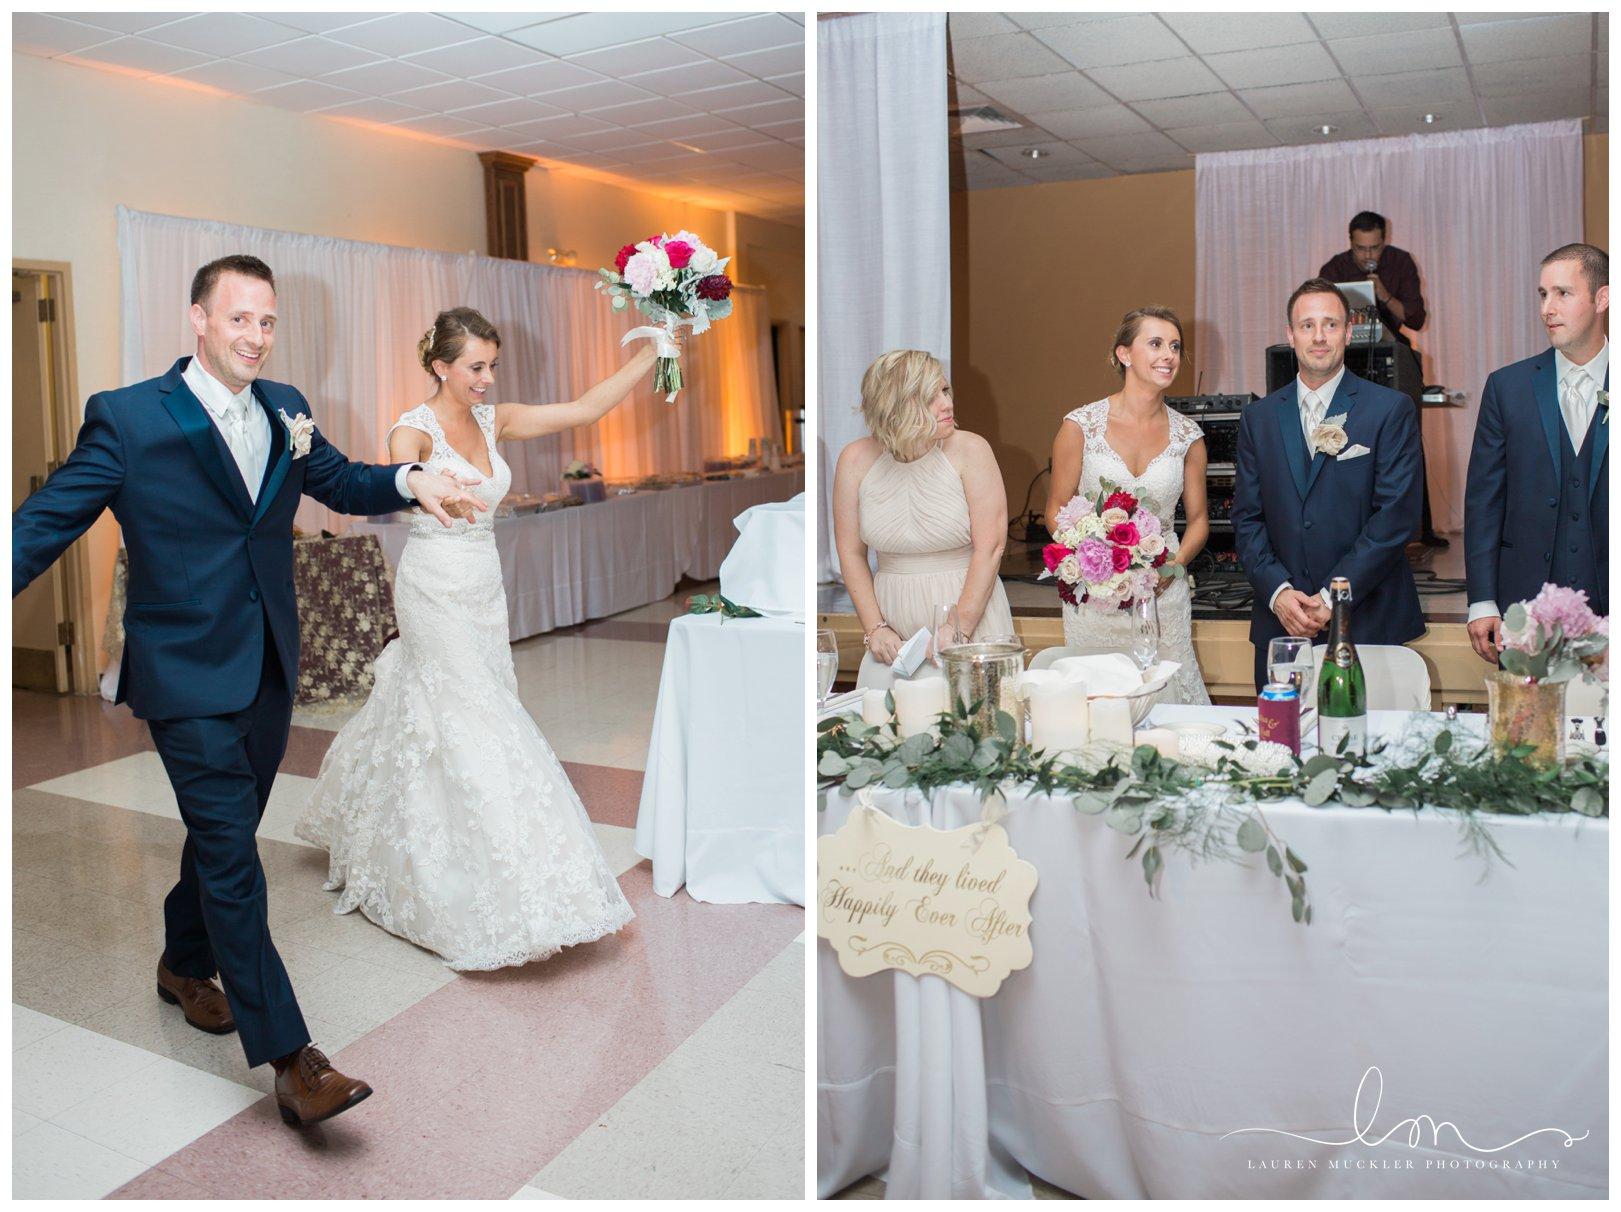 lauren muckler photography_fine art film wedding photography_st louis_photography_0497.jpg